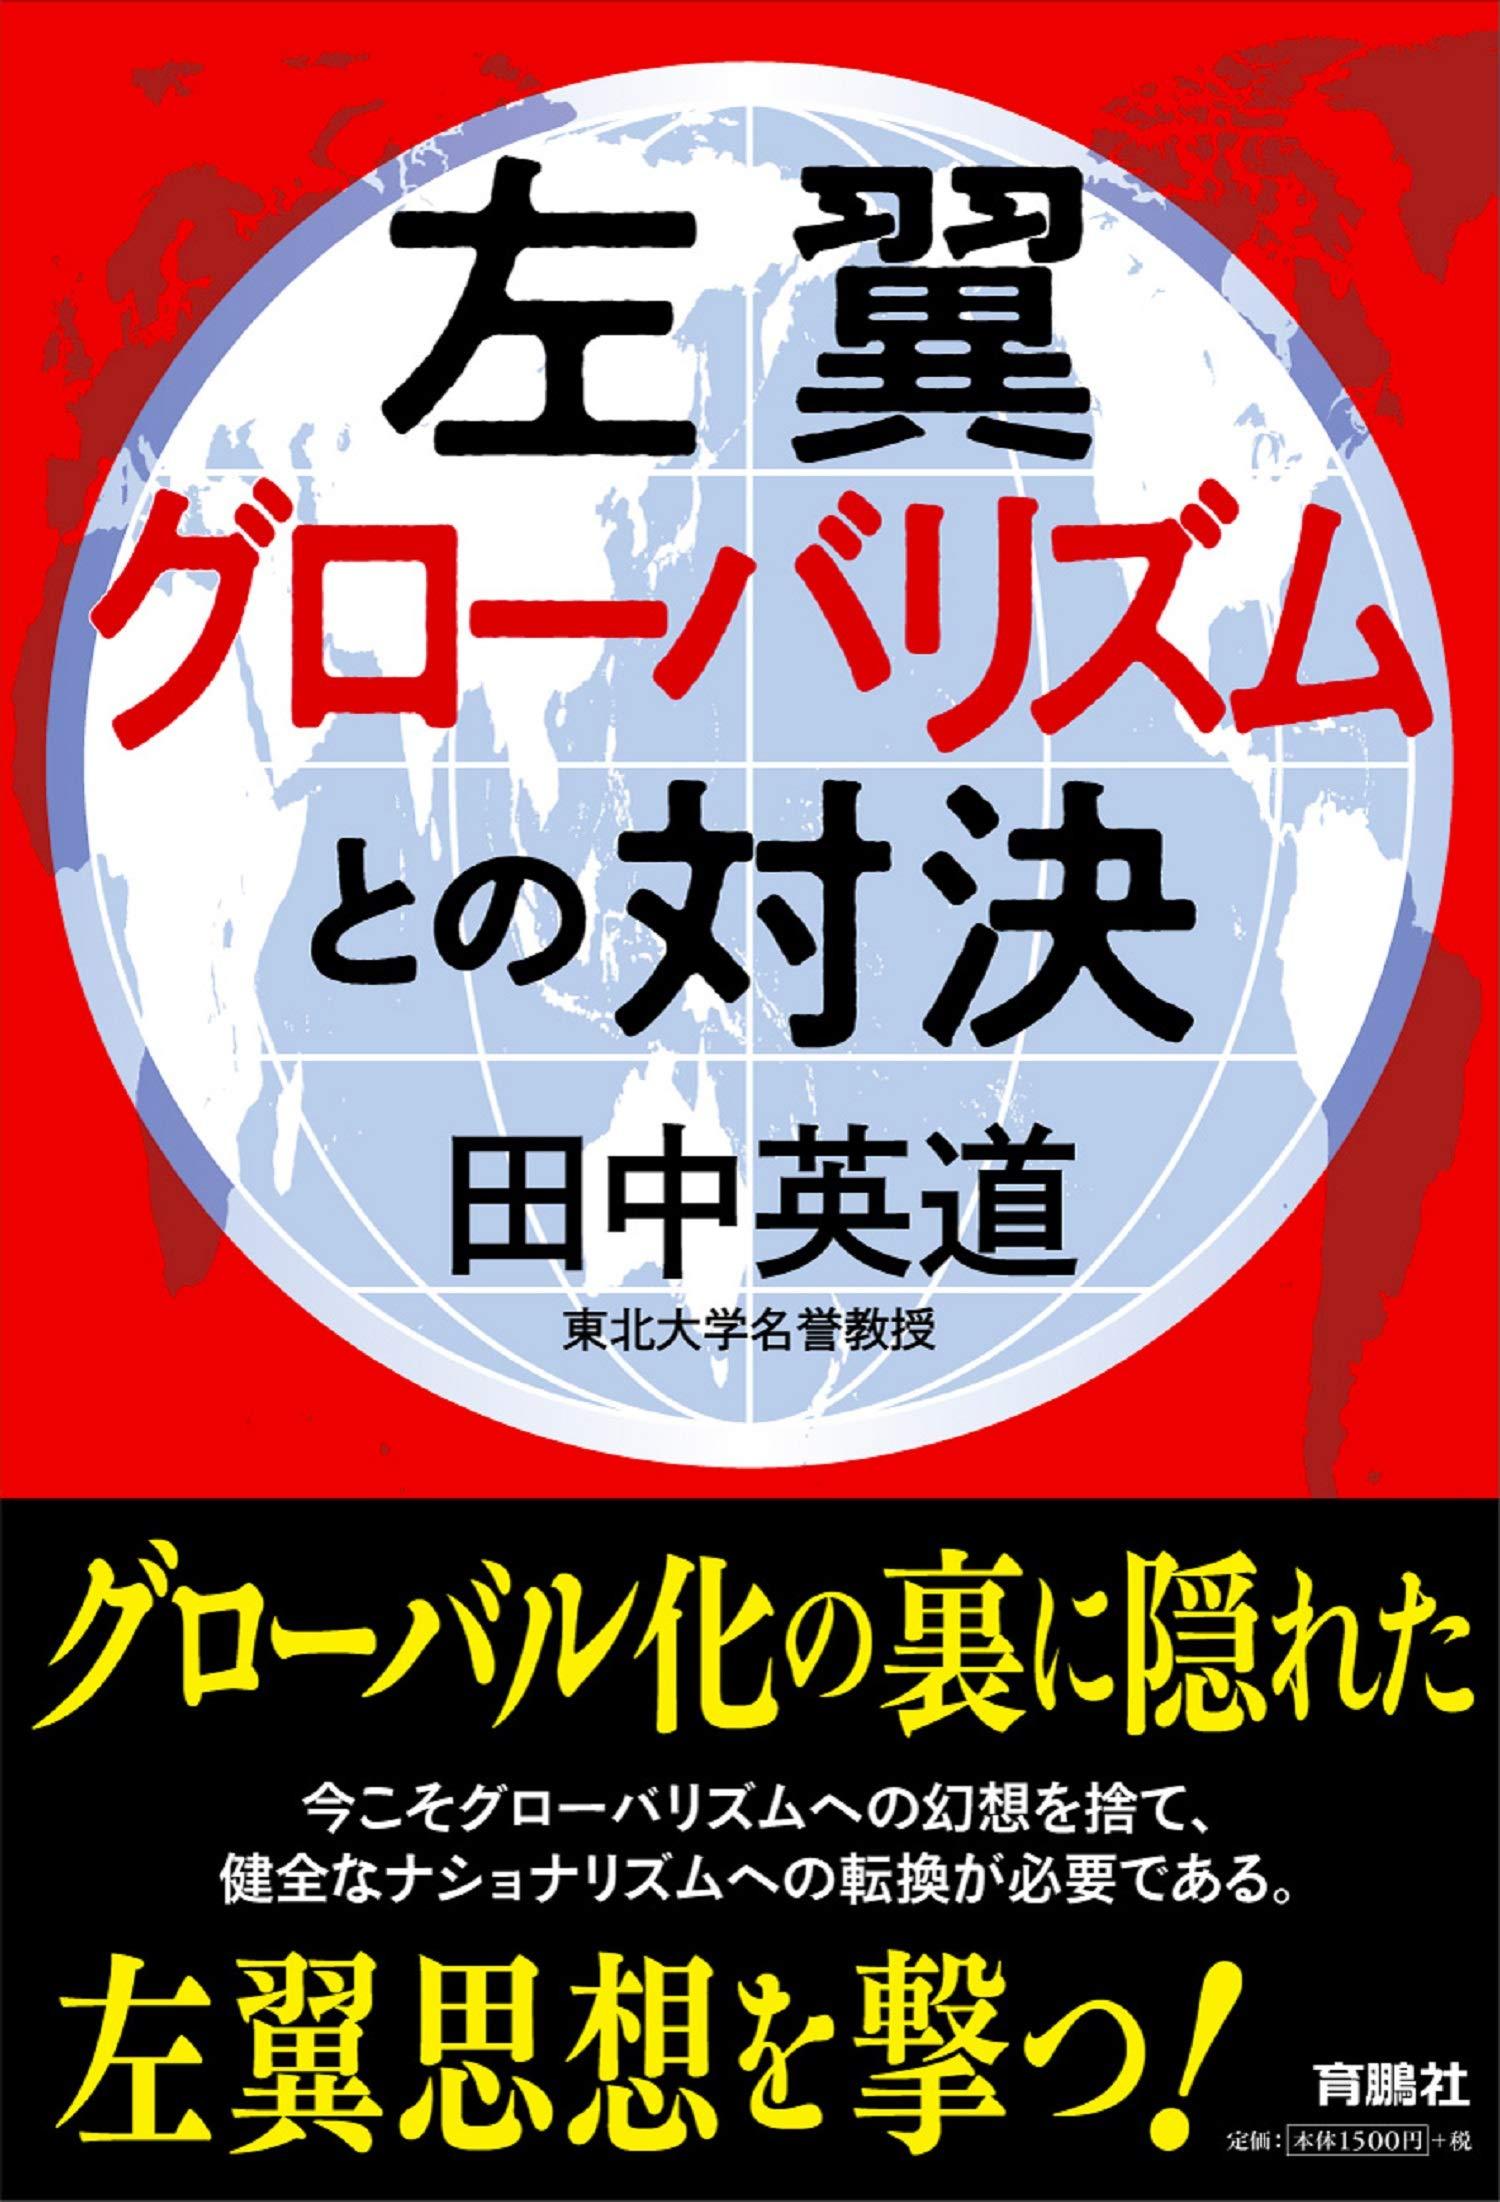 左翼グローバリズムとの対決 (日本語) 単行本(ソフトカバー)